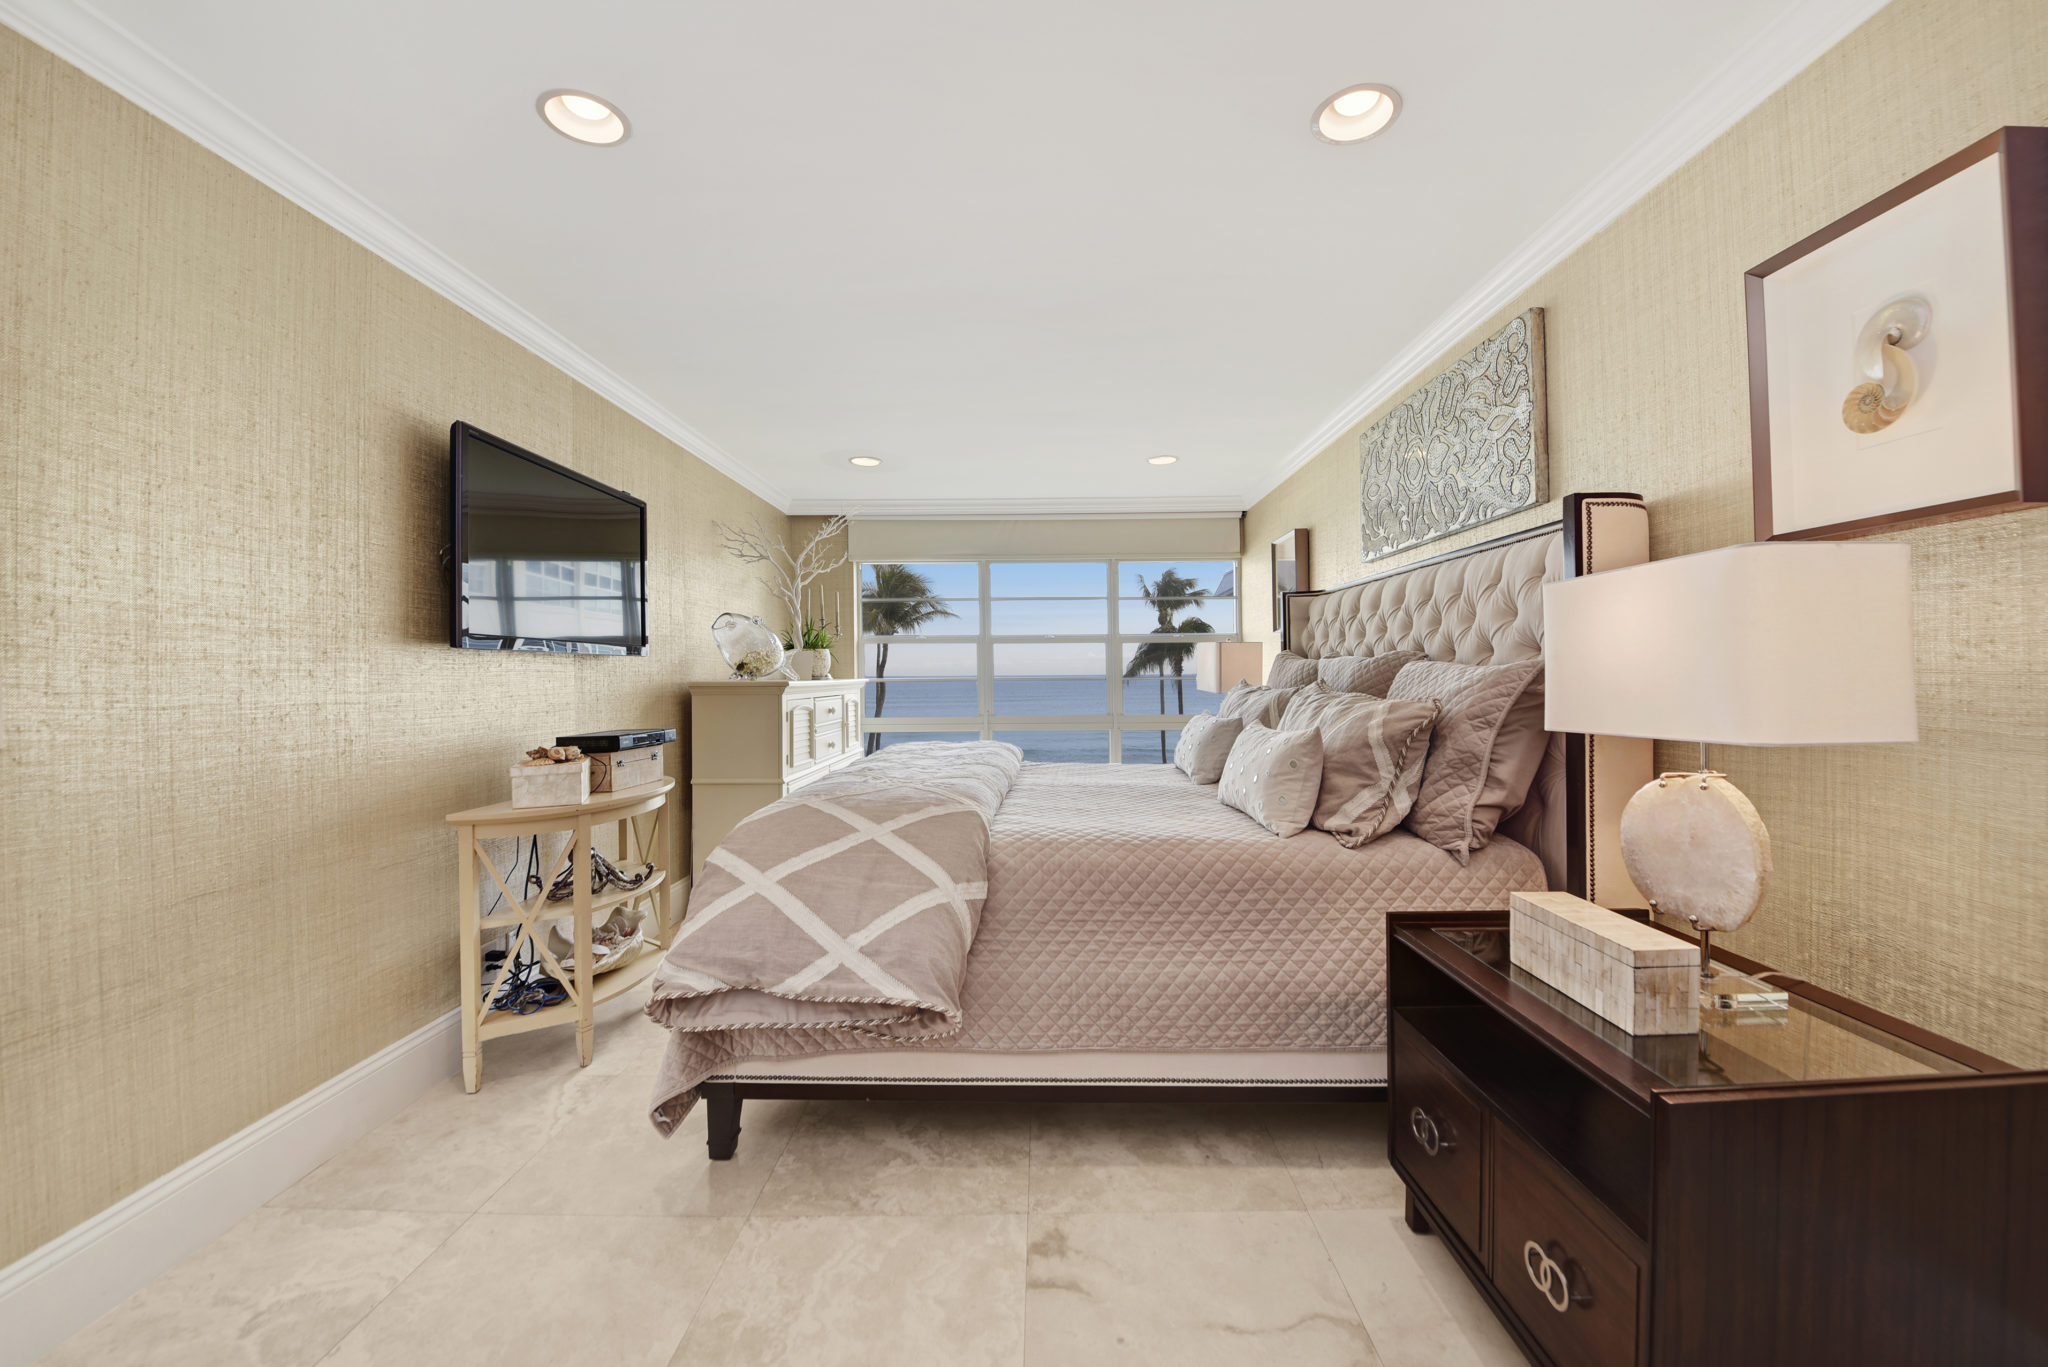 Gulfstream. FL BEach Condo 307 - Architectural Design Studios 4